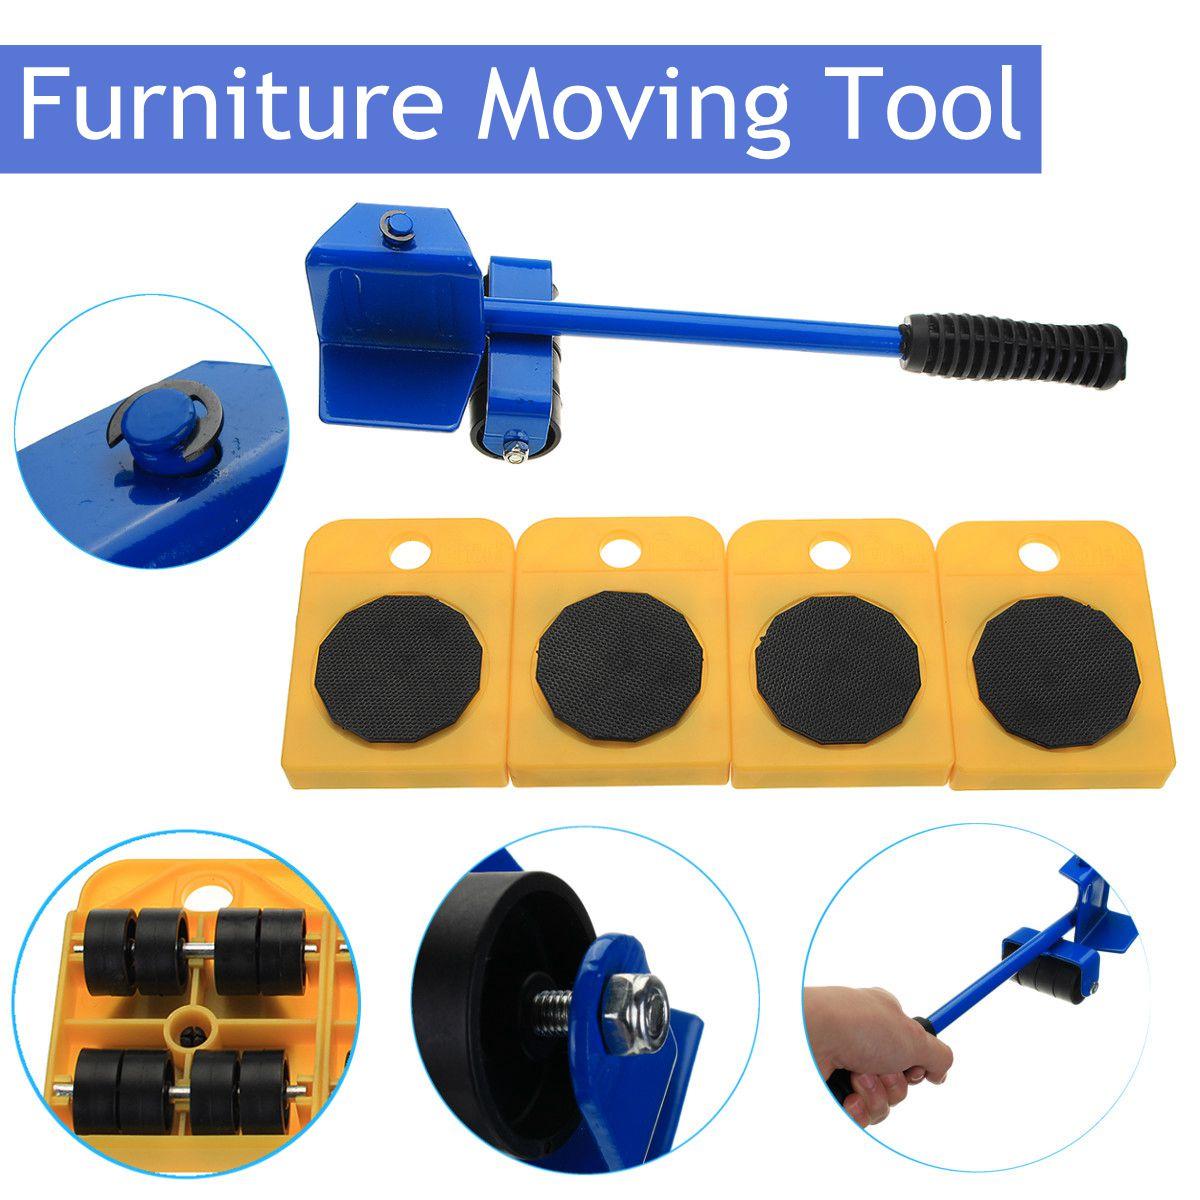 Mobili Sistema di Movimentazione Con Sollevatore Strumento durevole E spostare Mobili Pesanti Animali In Movimento Tool Home Utilities